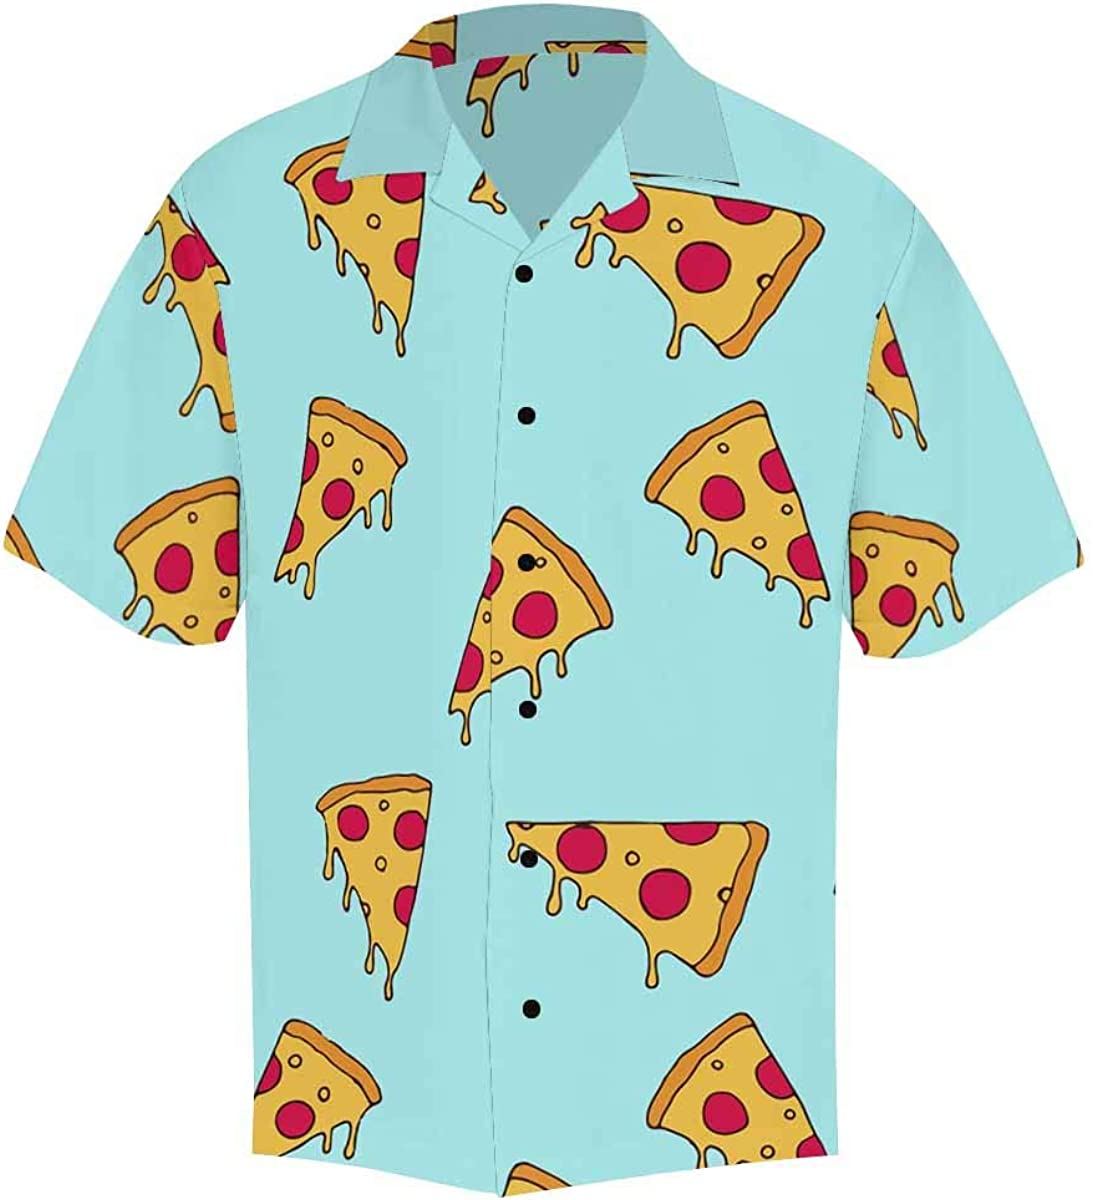 InterestPrint Men's Casual Button Down Short Sleeve Gray Blue Elephant Hawaiian Shirt (S-5XL)